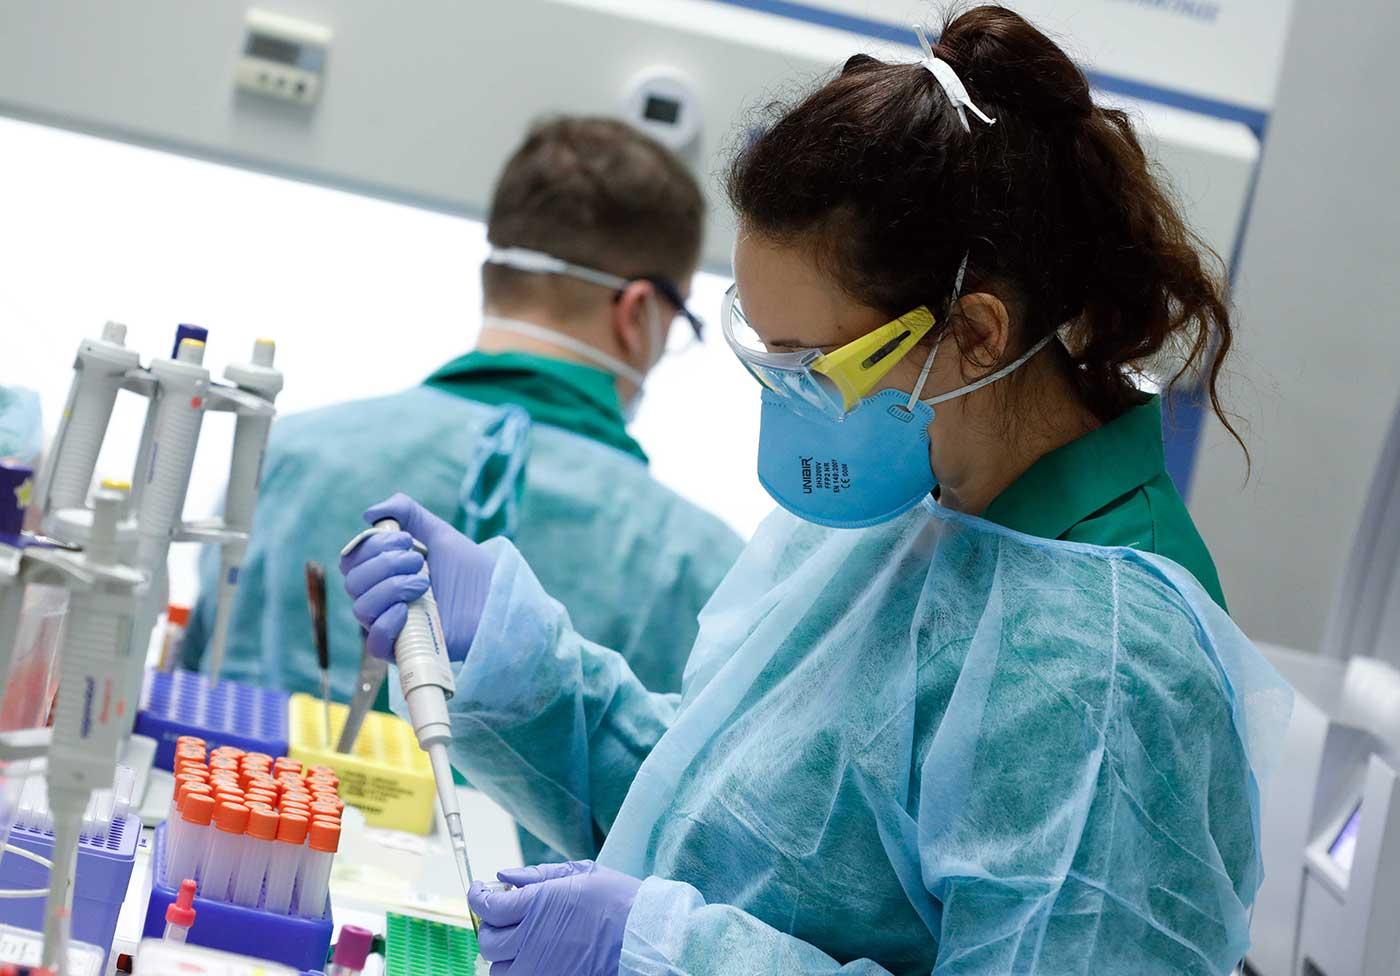 باحثون يكتشفون علاجاً فعالاً ضد كورونا